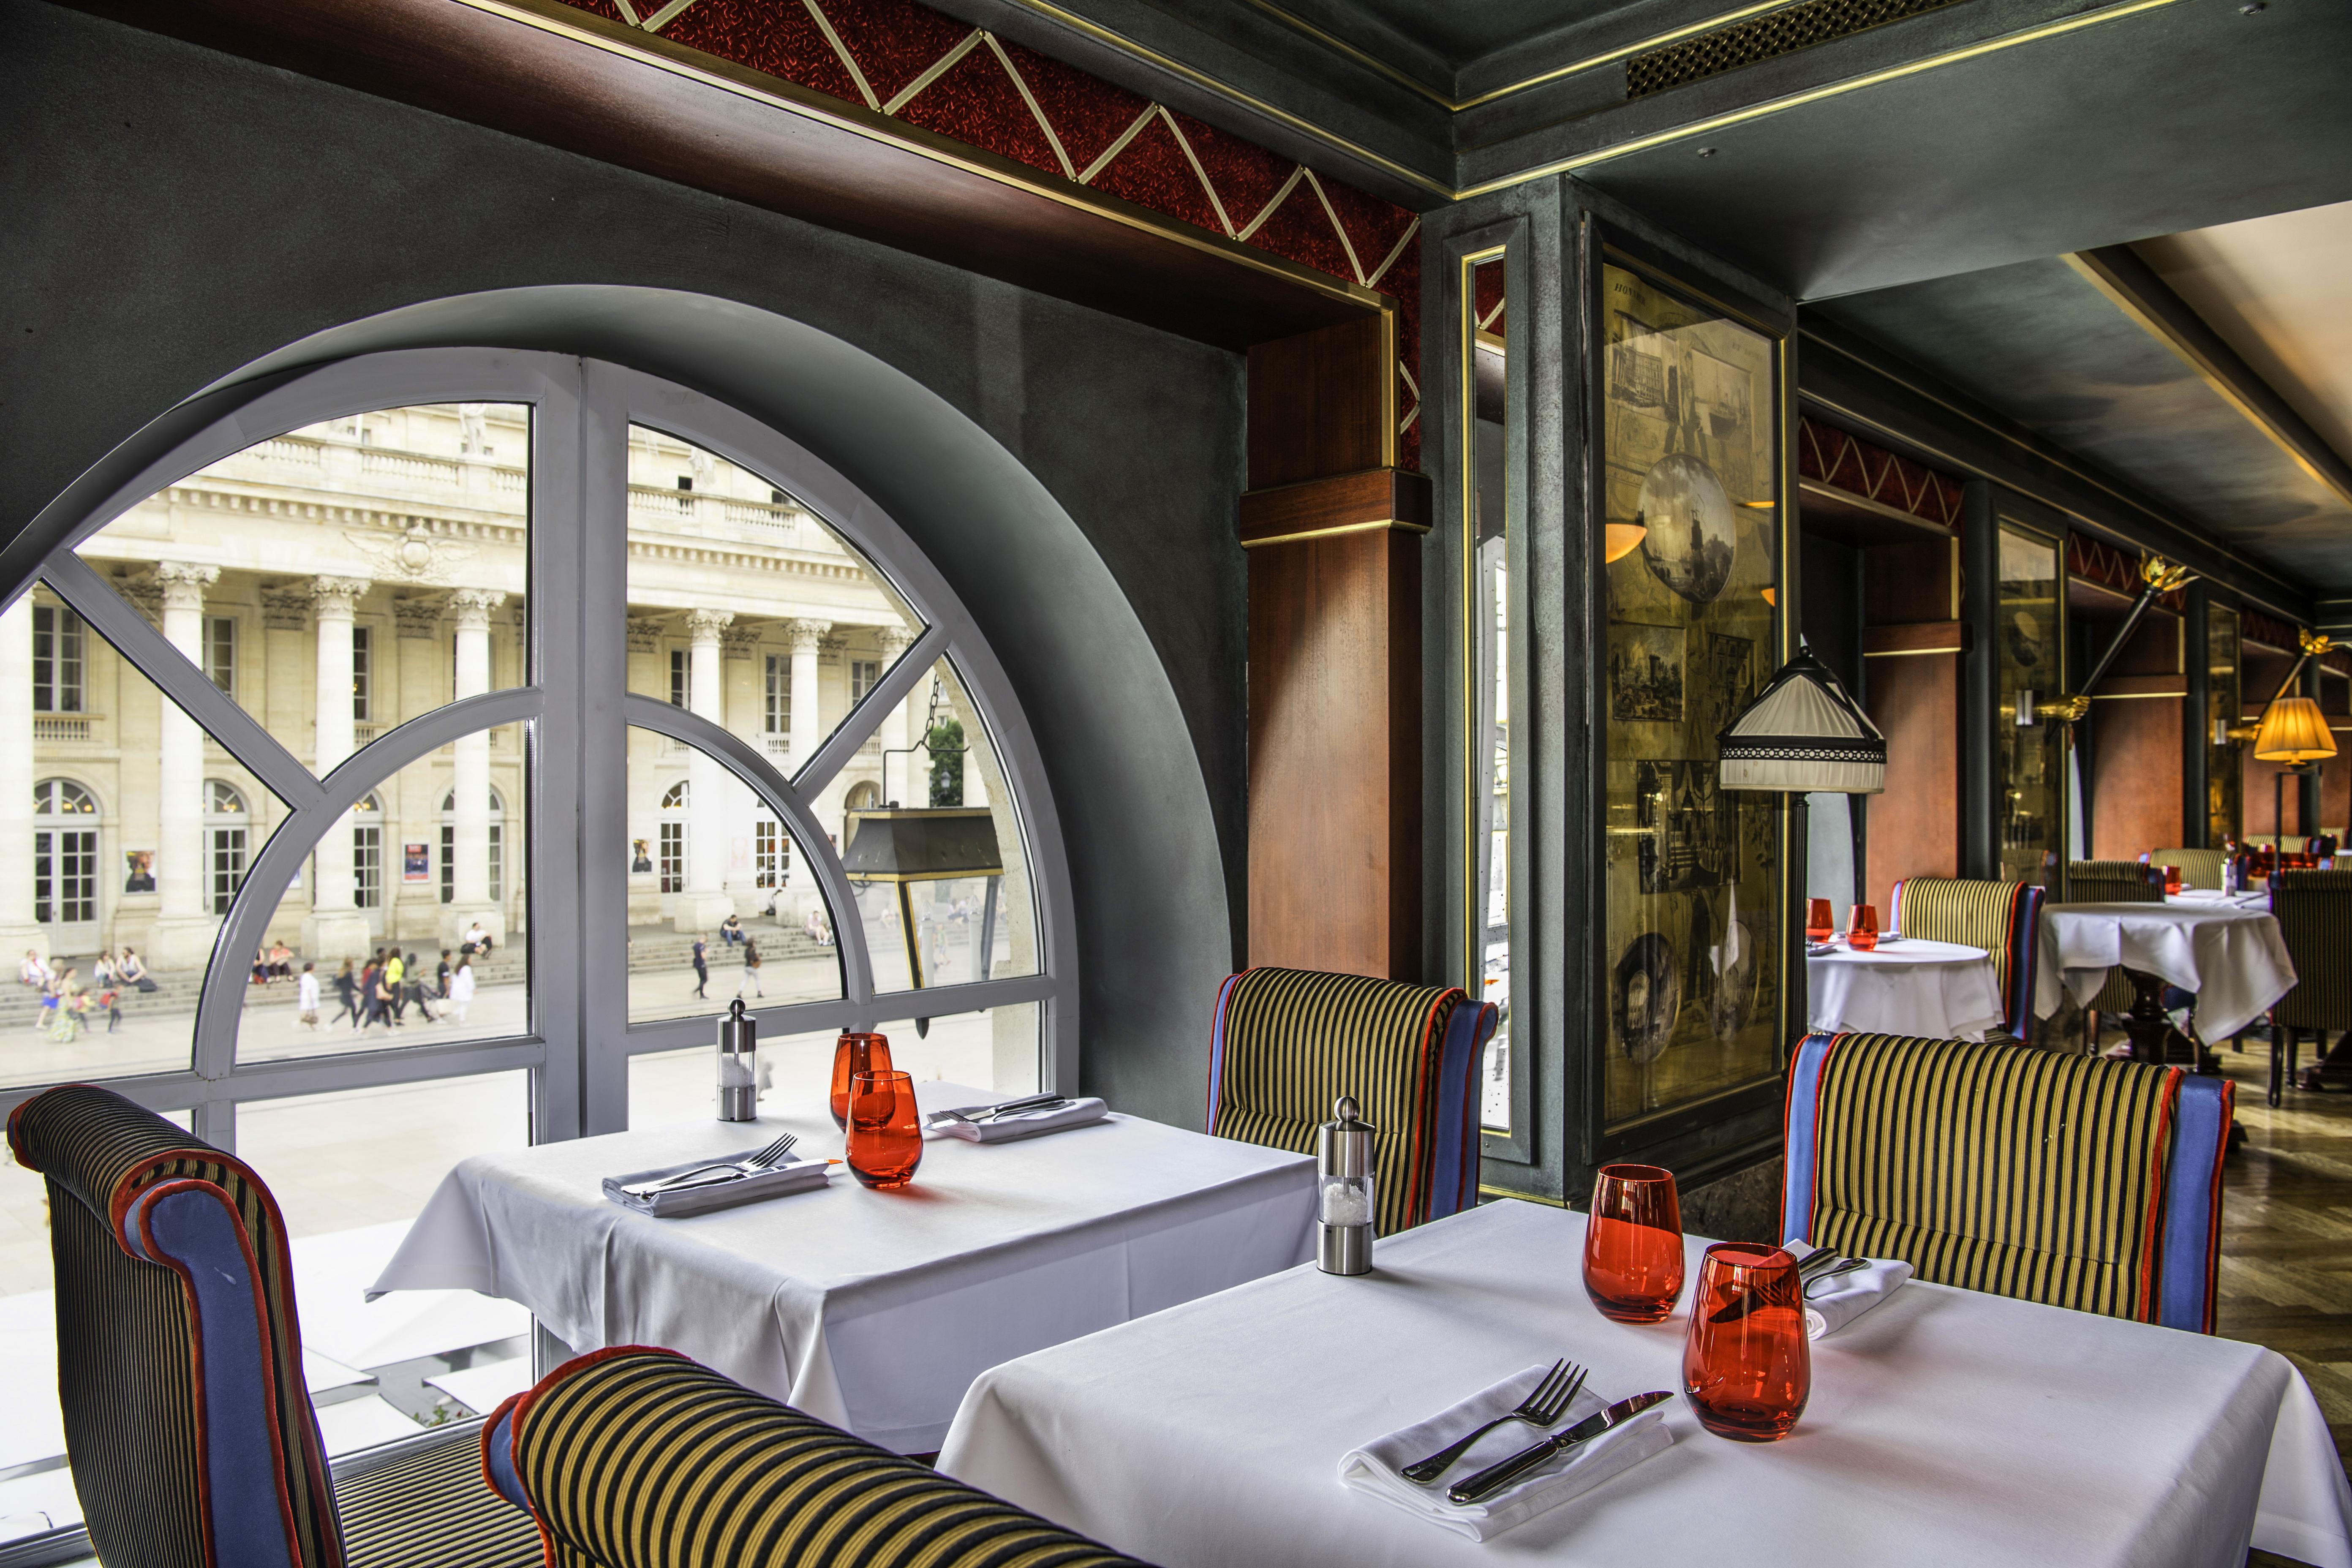 Brasserie Gordon Ramsay